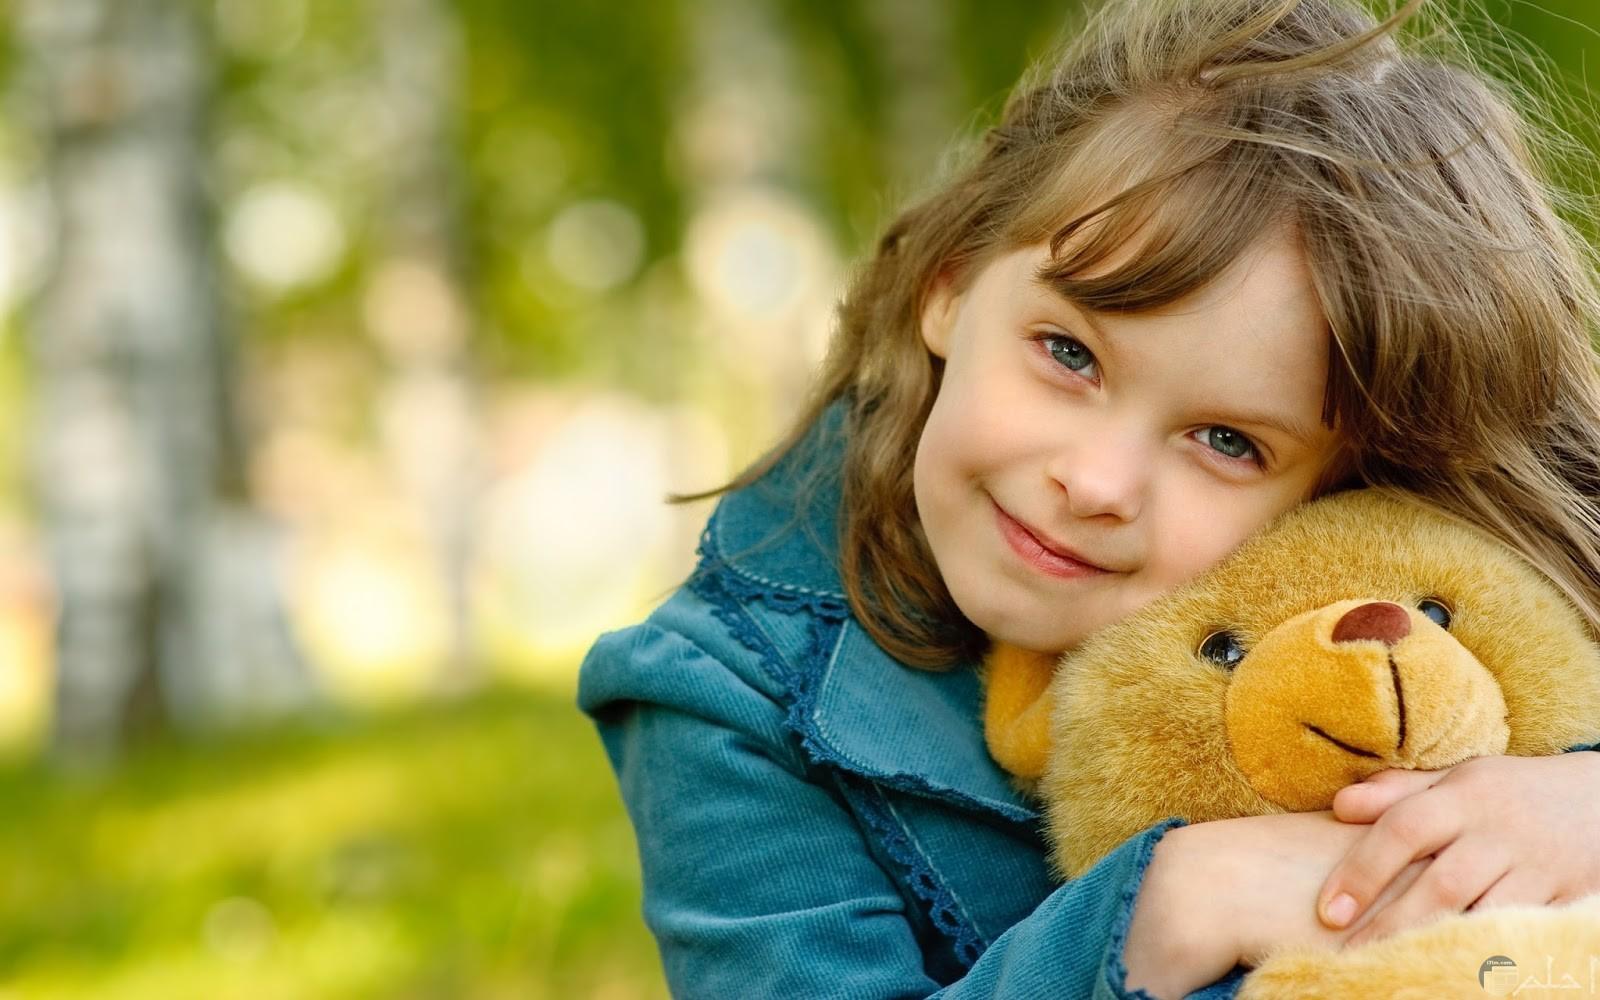 بنت مع دب بني كيوت.